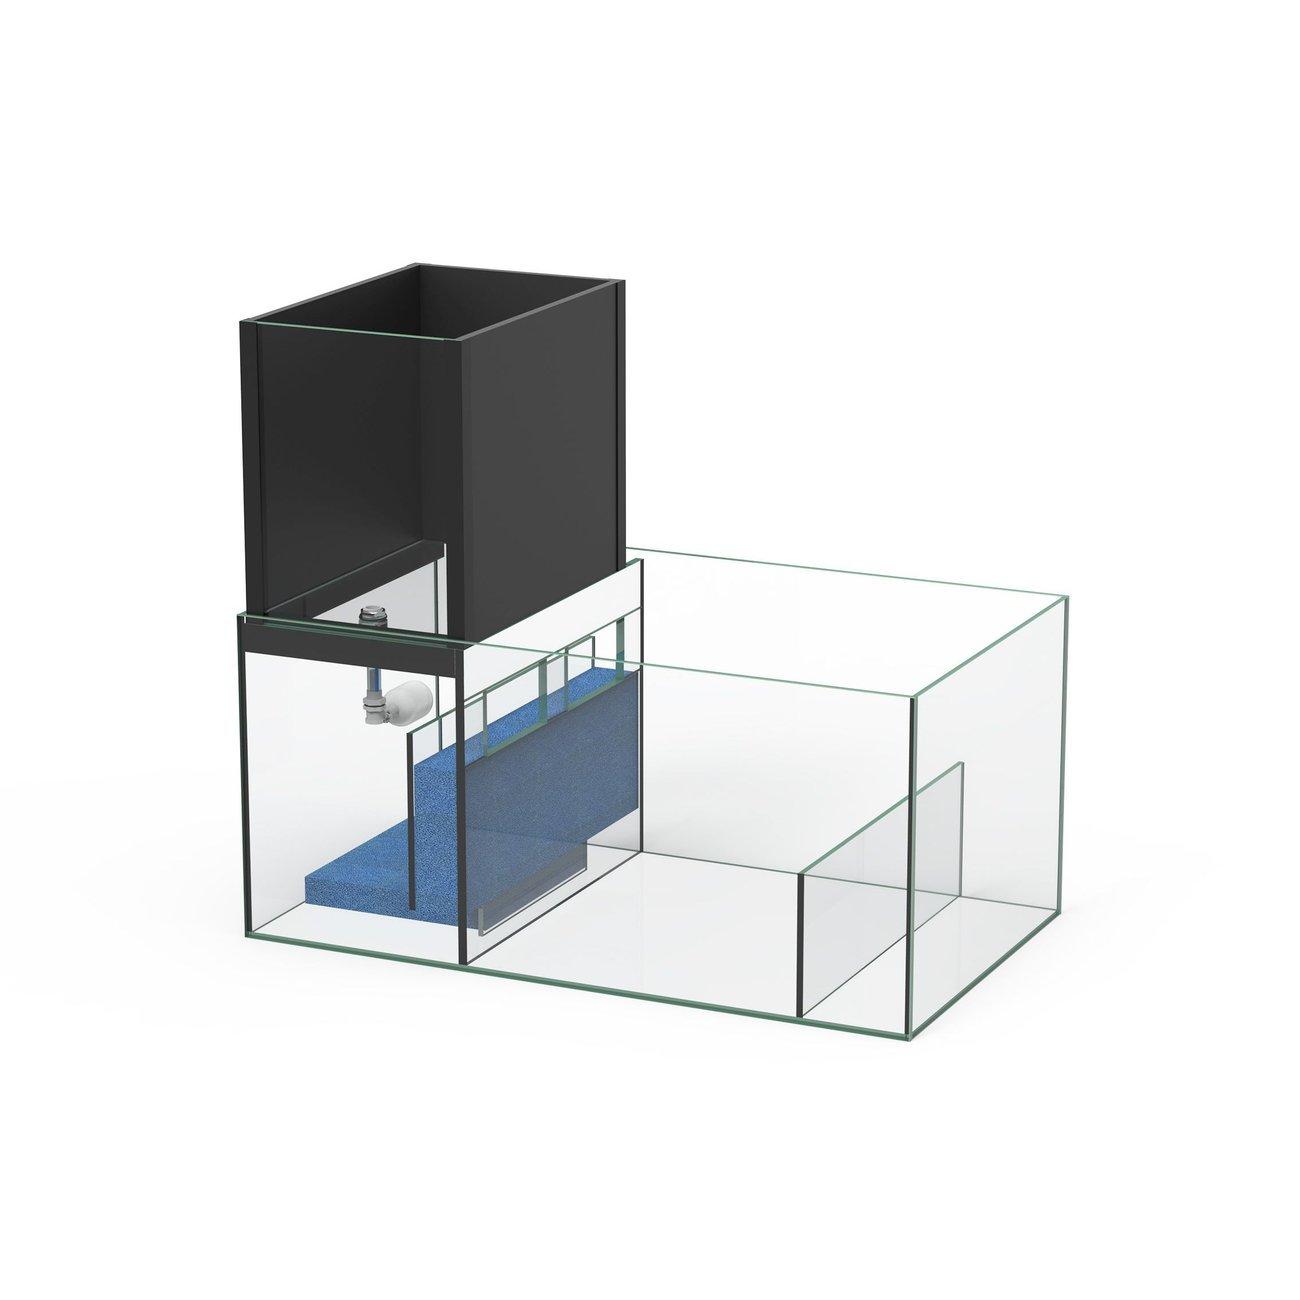 Aquatlantis AquaView 120 mit Unterschrank, Bild 6